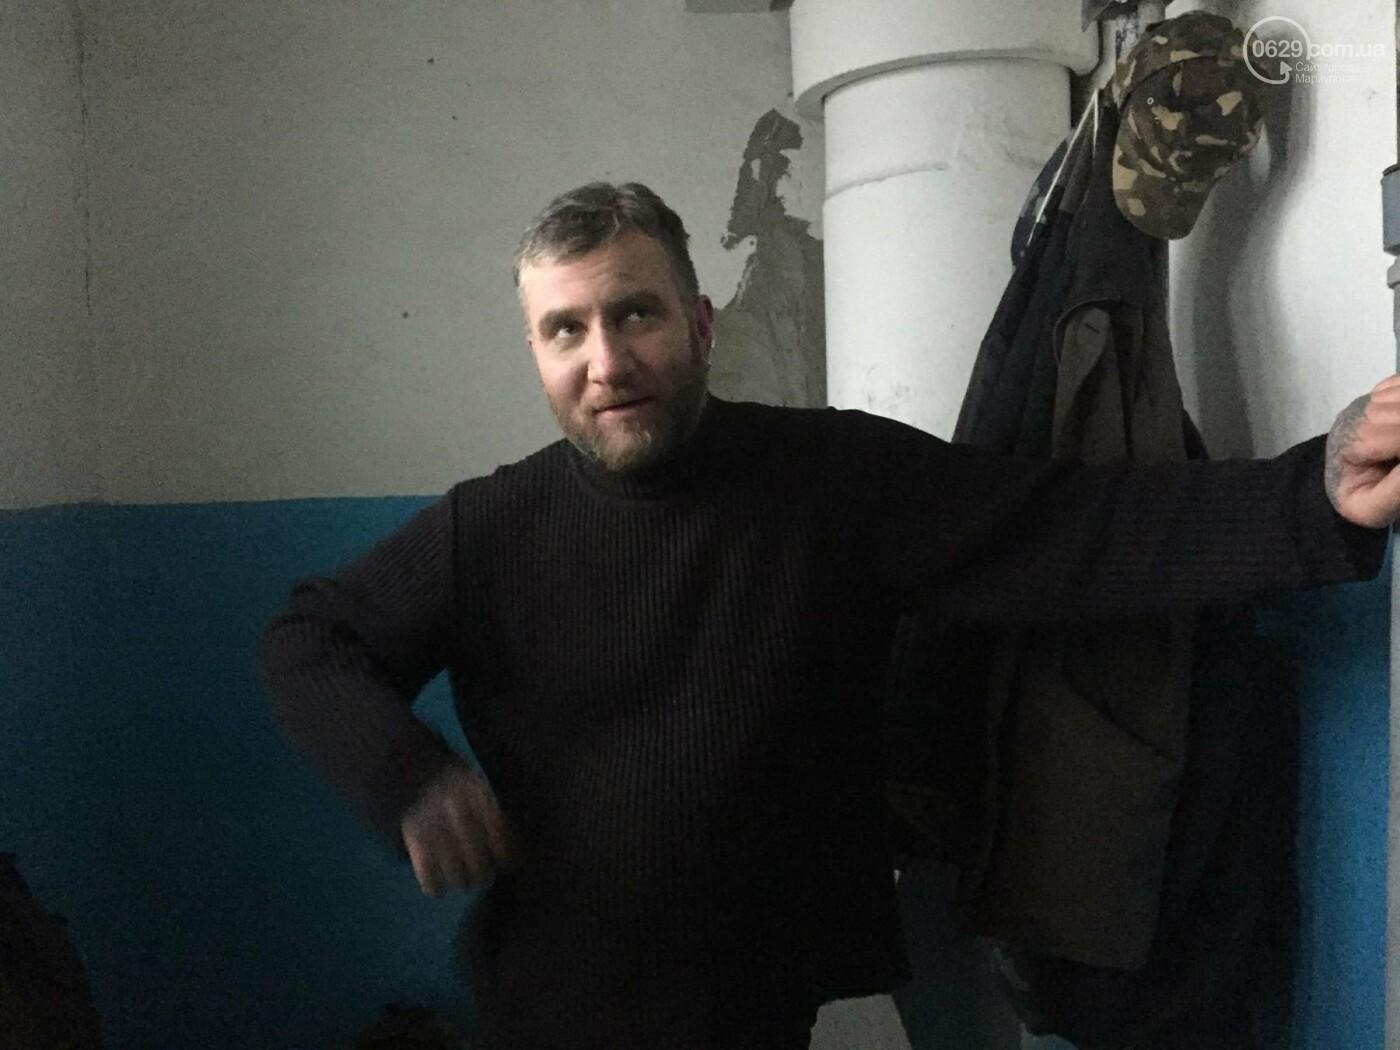 Гражданин Польши, живущий в подъезде, пугает жителей Левобережья, - ФОТО, ВИДЕО, фото-6